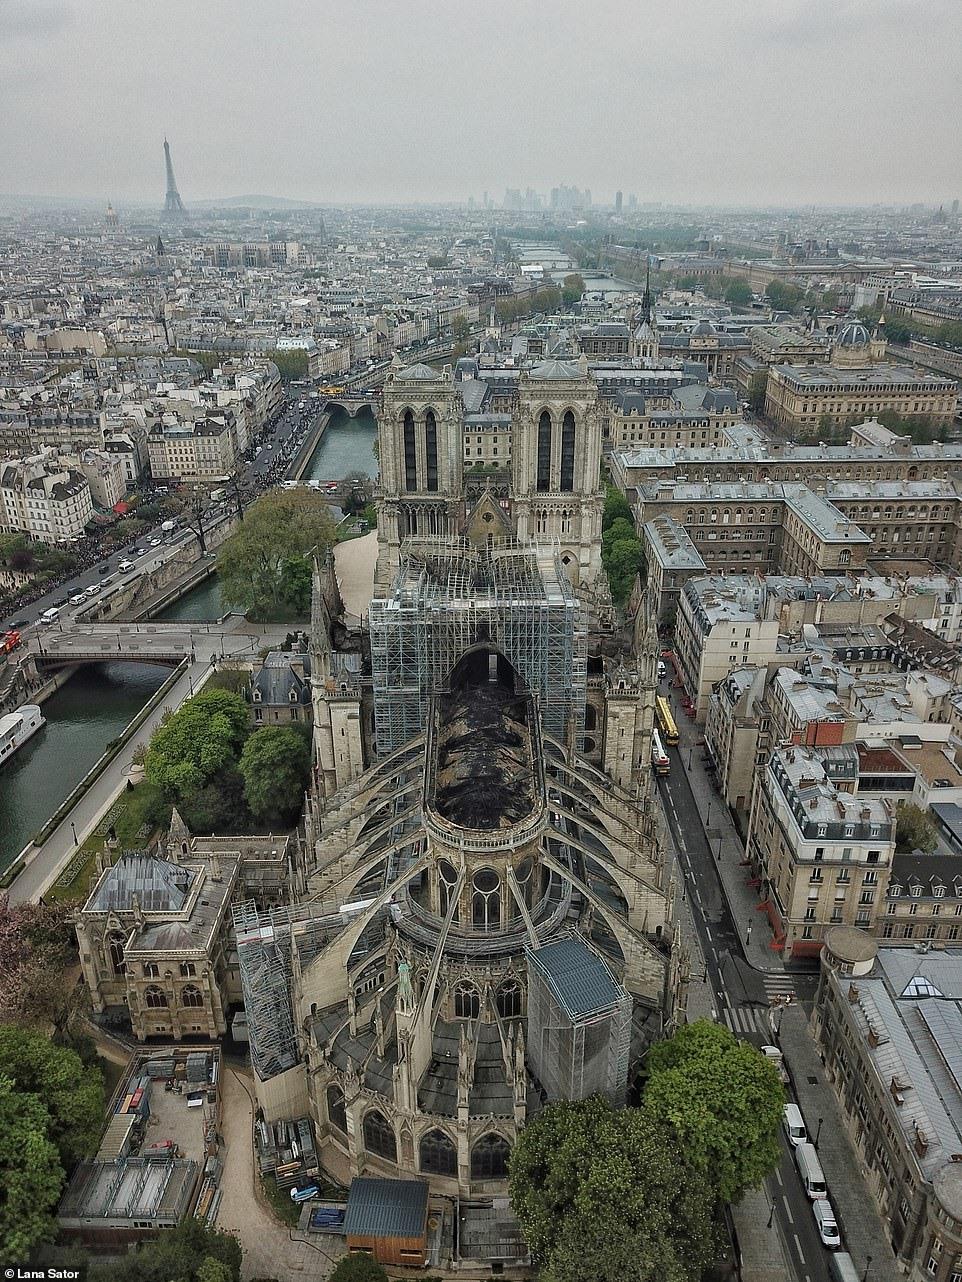 Sau 9 tiếng chiến đấu không ngừng nghỉ, lực lượng cứu hỏa Paris ngày 16.4 thông báo đã dập tắt hoàn toàn đám cháy.